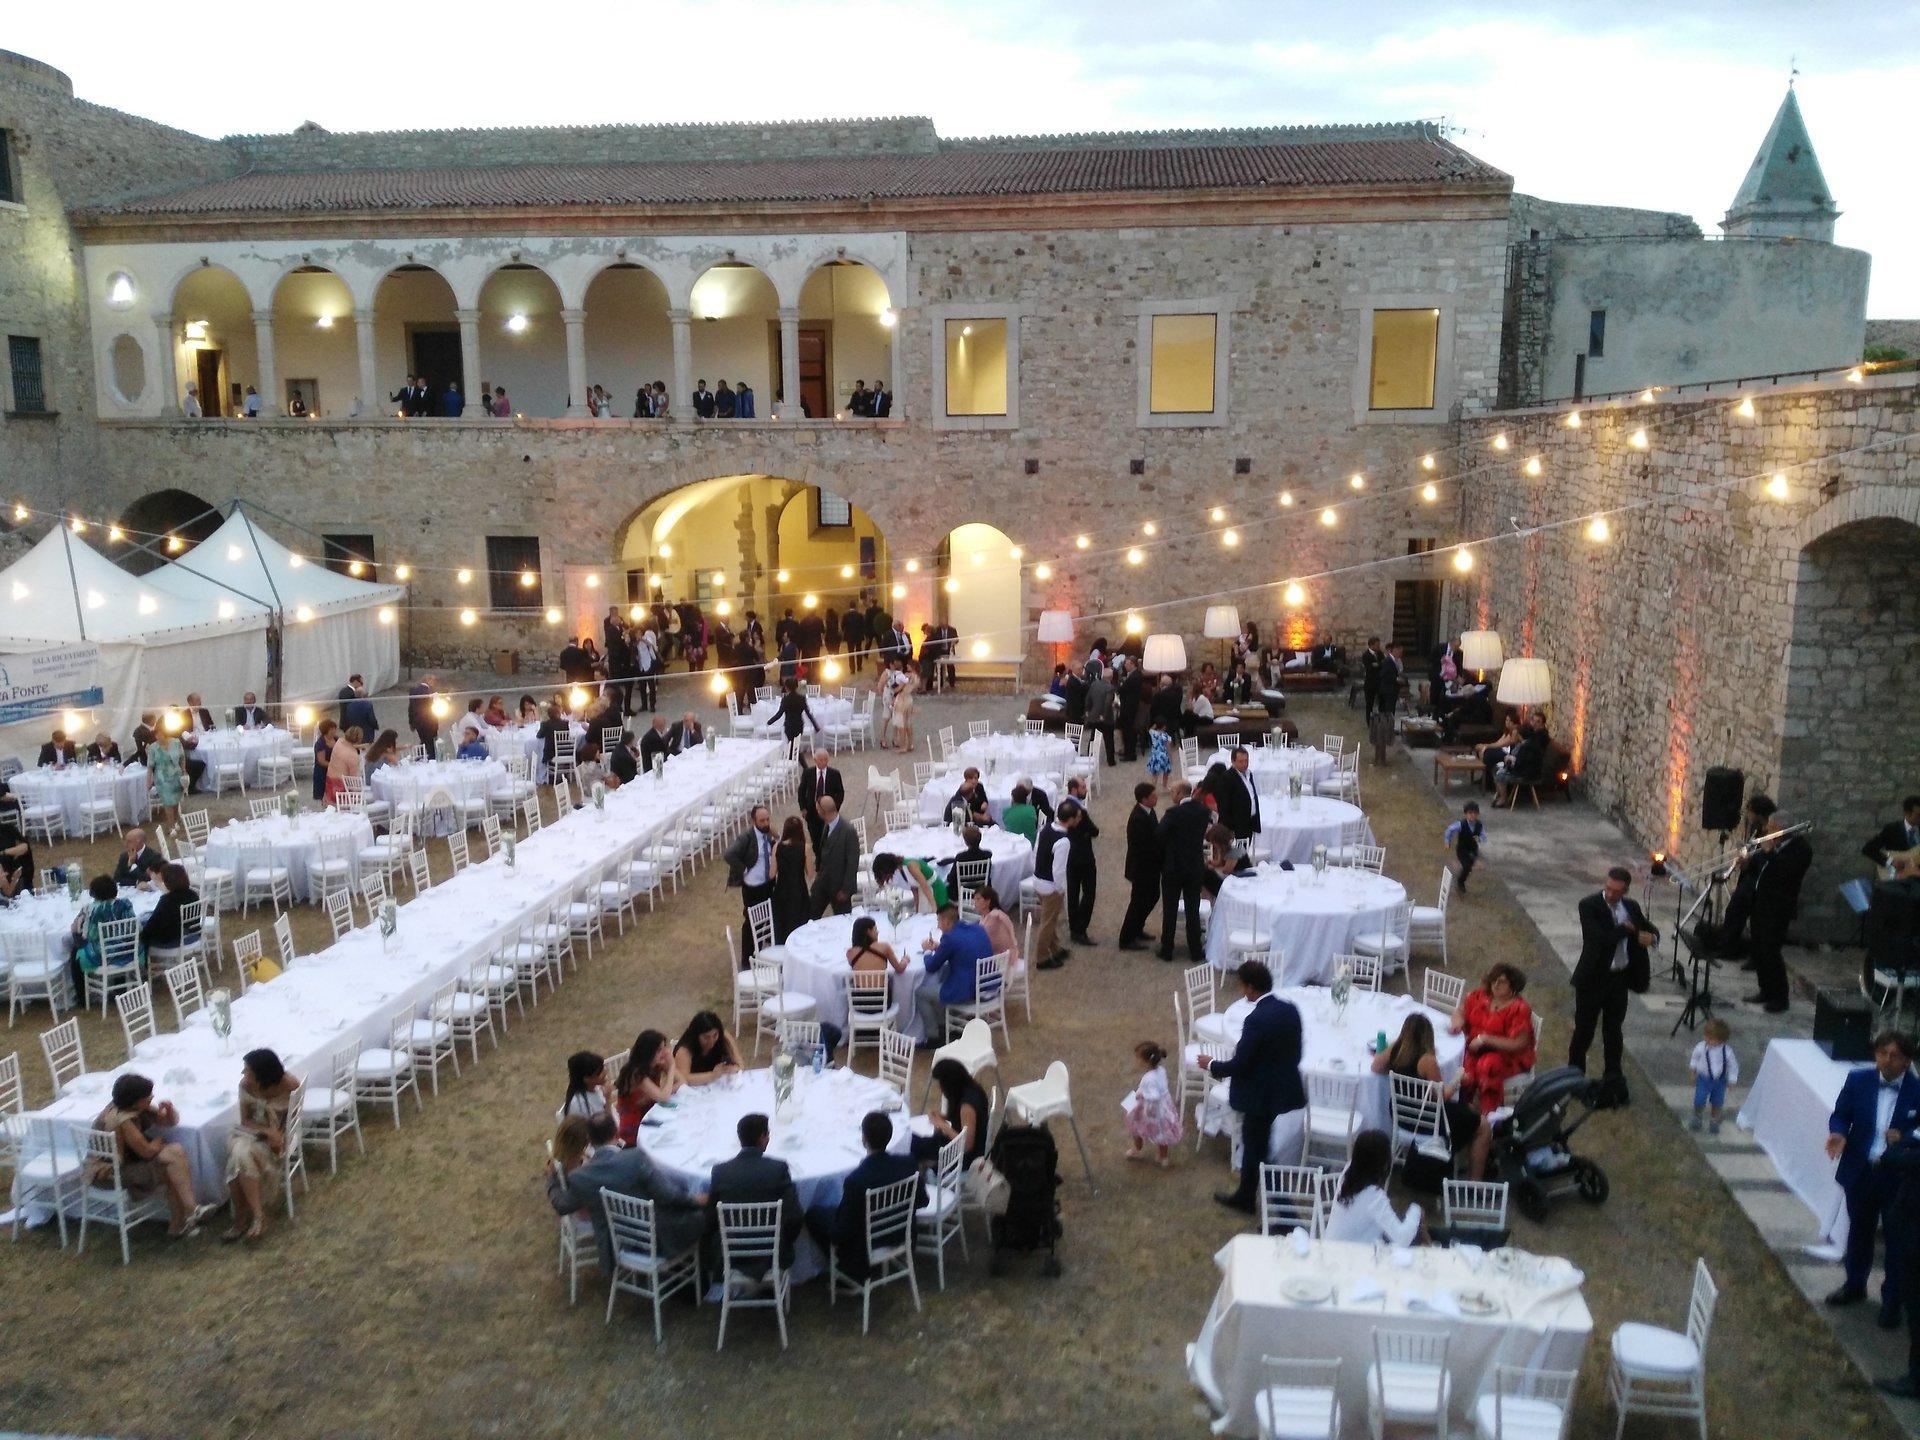 invitati a un matrimonio all'aperto